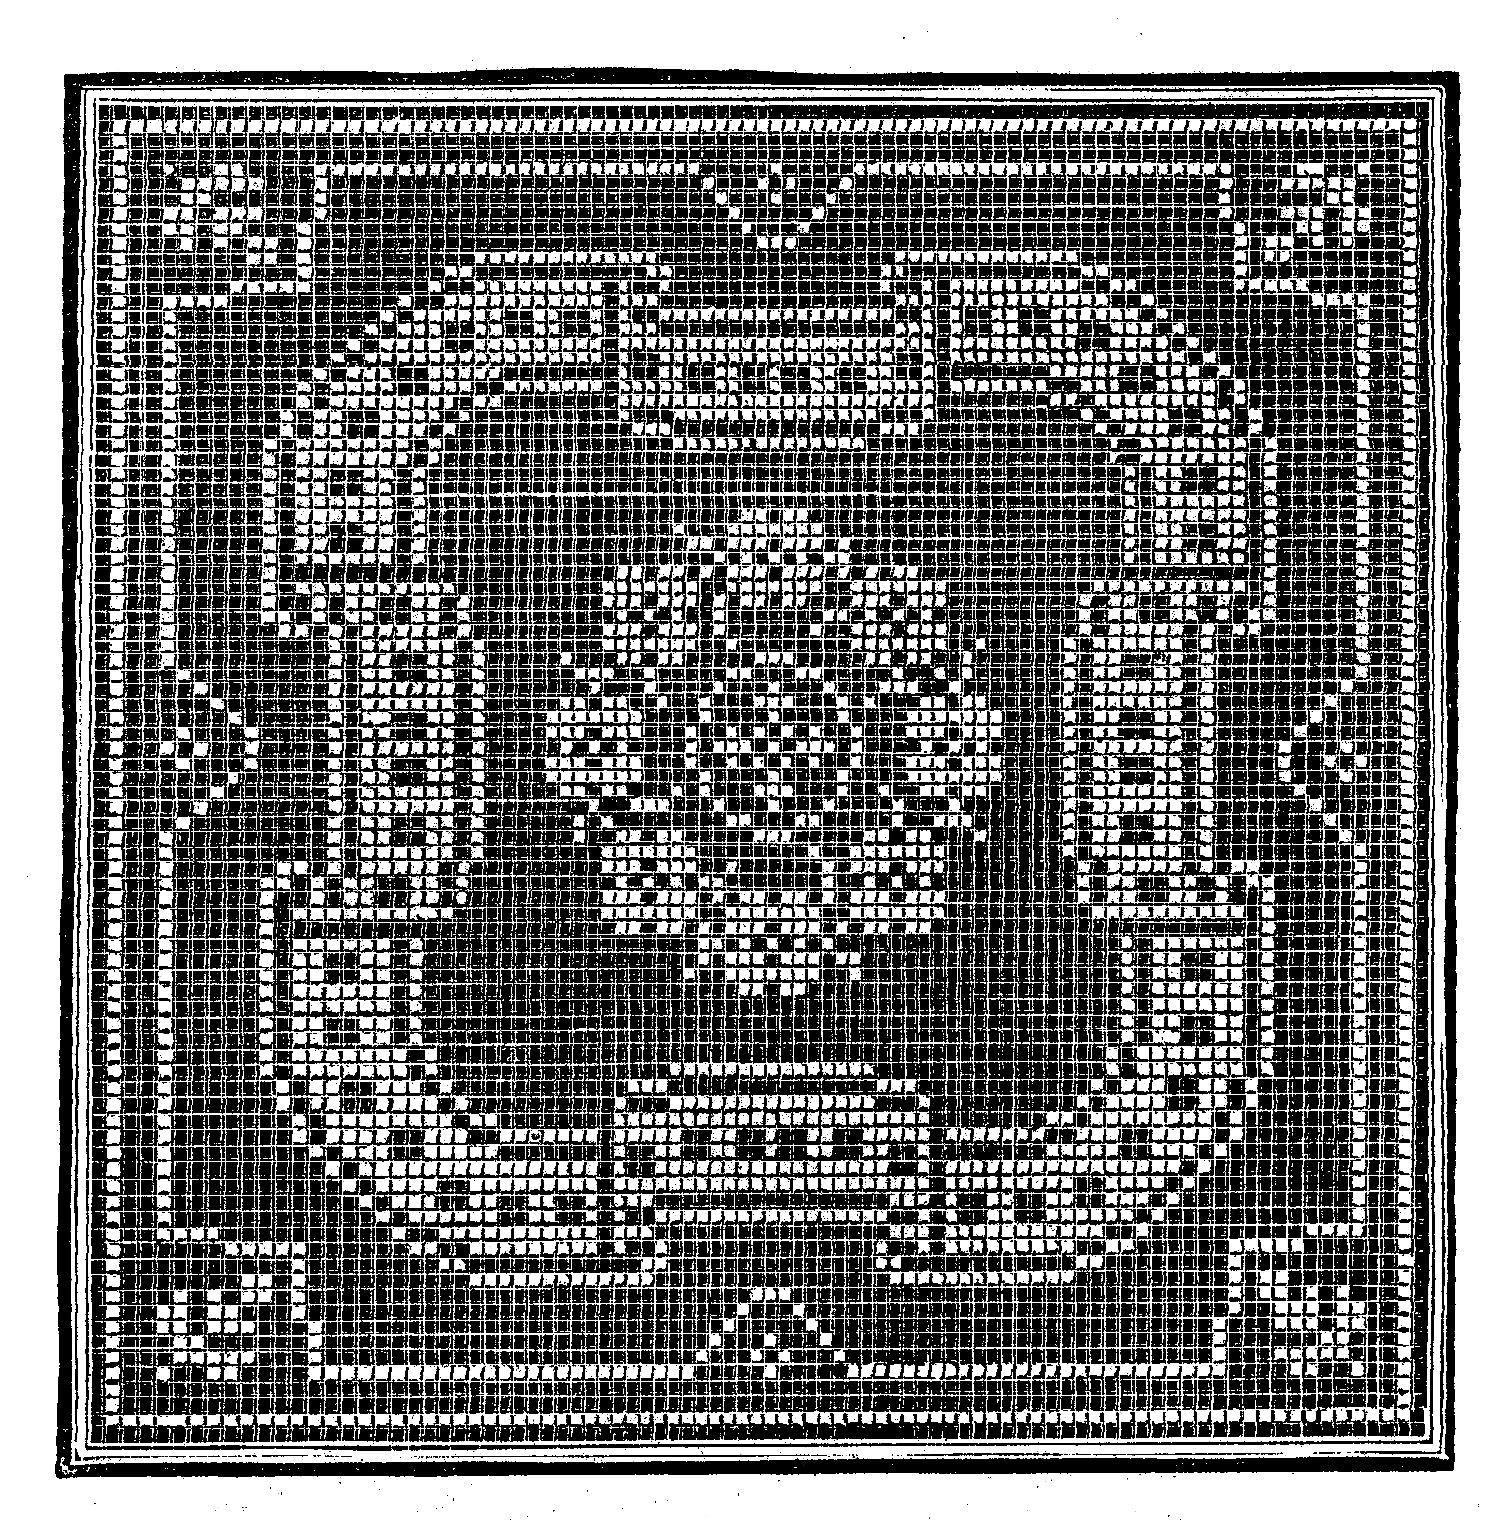 http://1.bp.blogspot.com/-1vmWd1Xu134/VMaN-0JenAI/AAAAAAAAVUQ/jm4otO3qFlM/s1600/crochet_sqr_design_1859_010.jpg